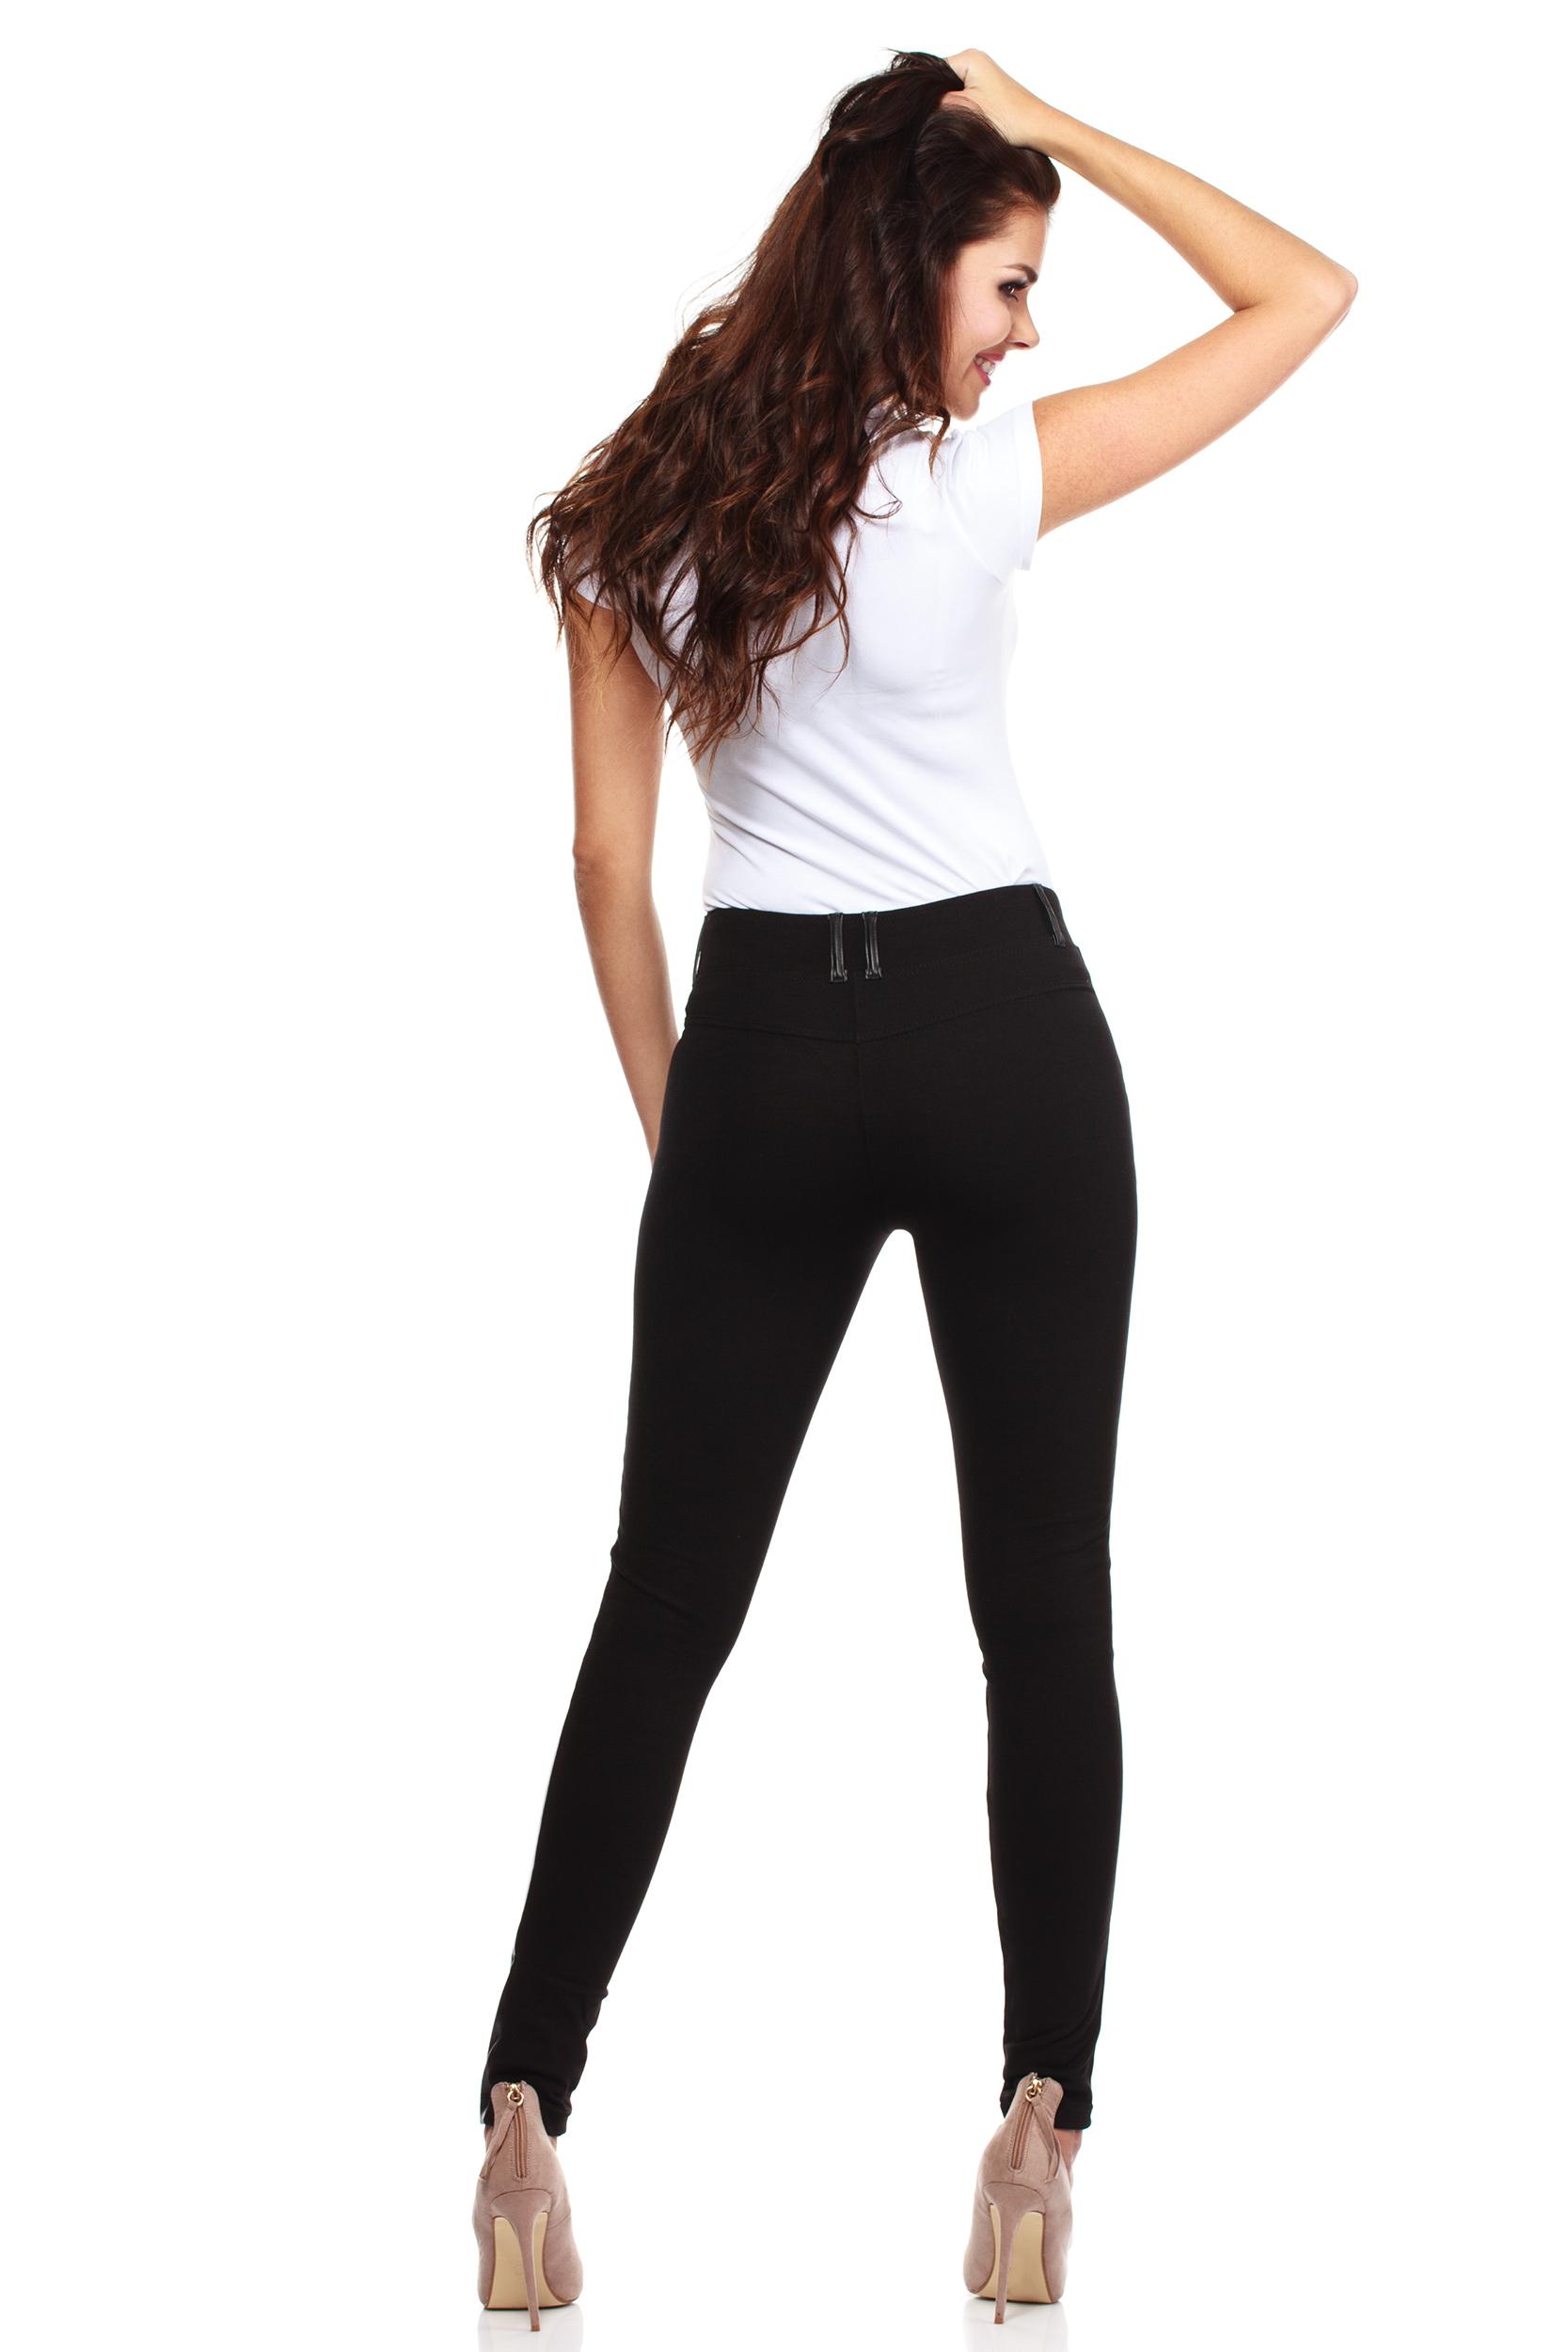 CM0030 Włoskie legginsy ze skórzaną wstawką czarne